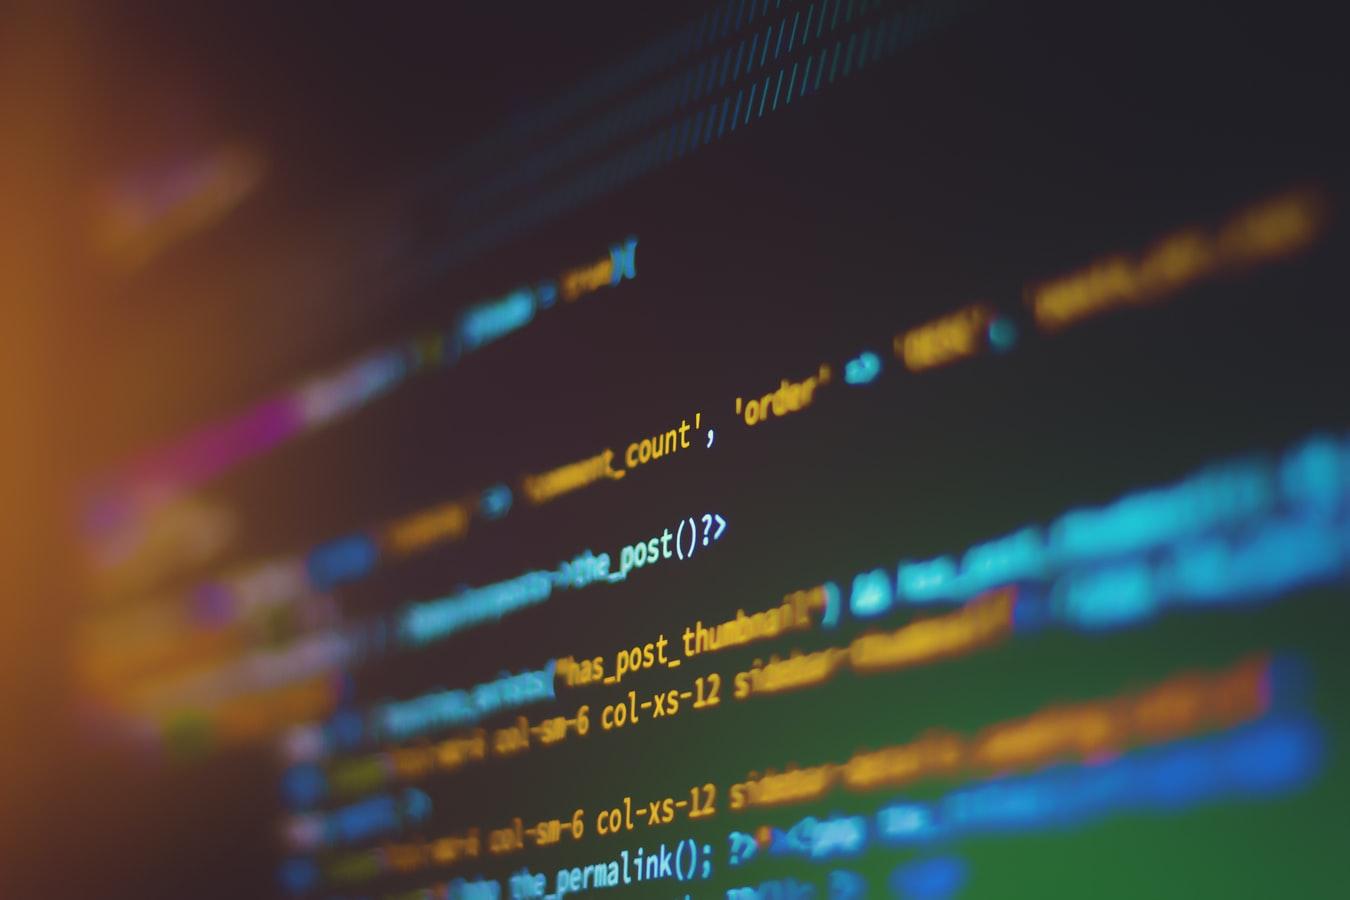 Quy định bảo vệ dữ liệu chung GDPR